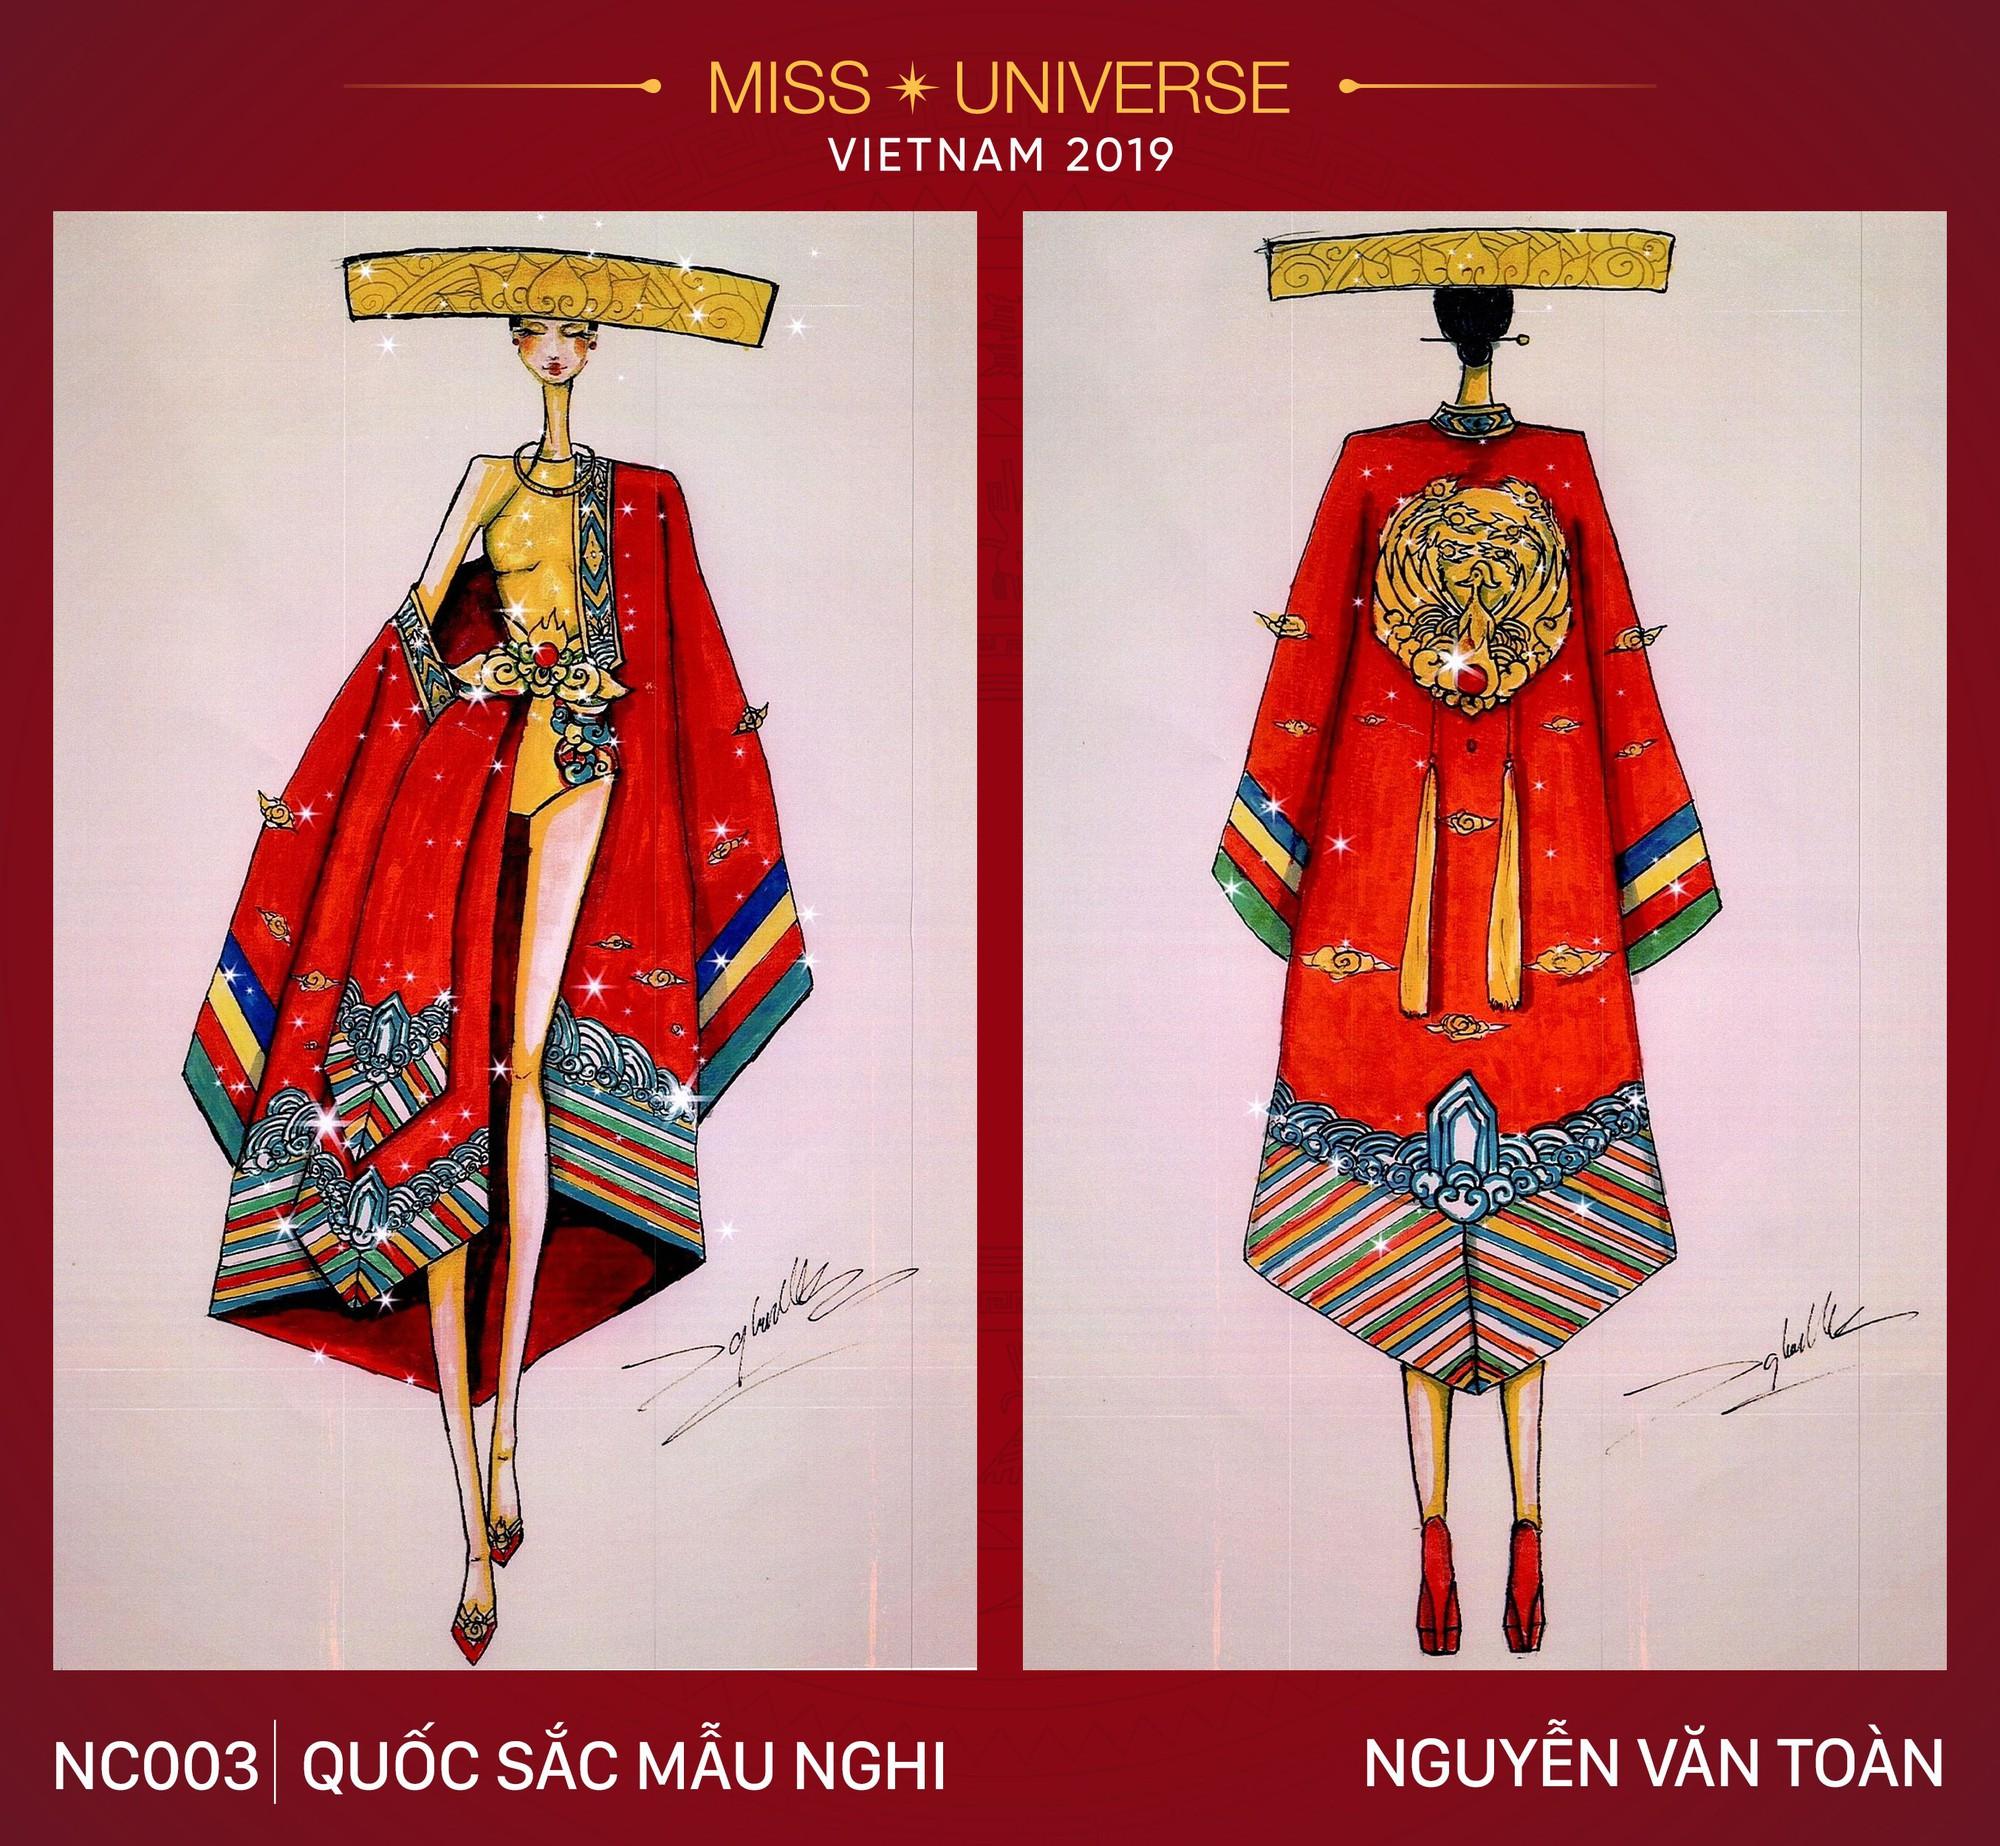 Xích lô, cà phê sữa đá, toà nhà 81 tầng trở thành cảm hứng cho trang phục dân tộc của Hoàng Thùy tại Miss Universe 2019 - Ảnh 3.